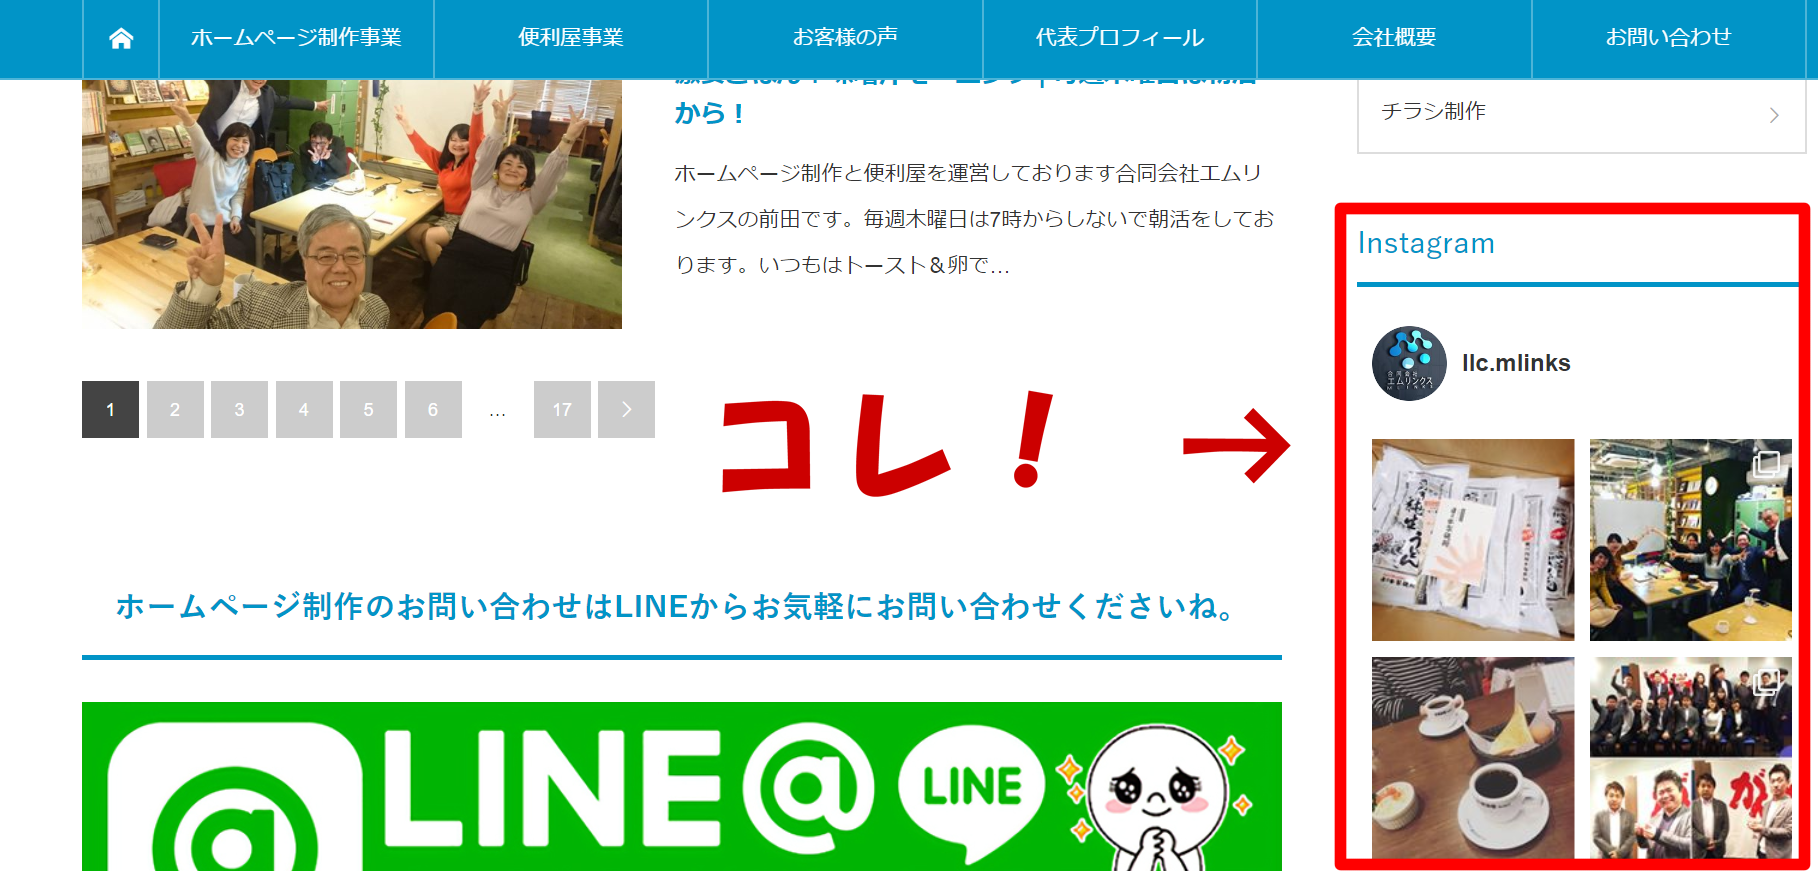 ホームページにインスタグラムの写真を表示できるワードプレスのプラグイン